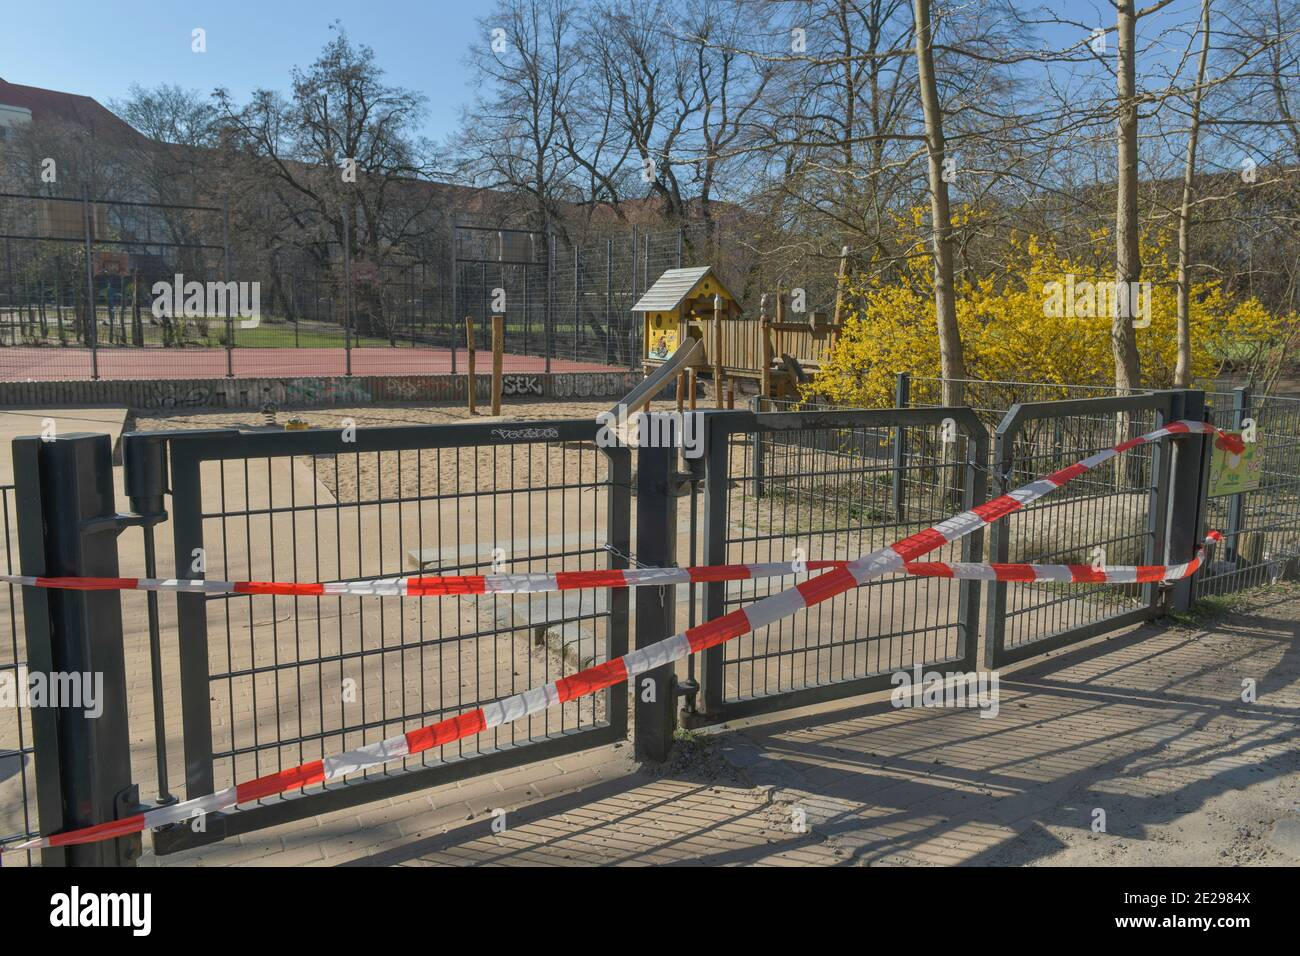 Berlin in Zeiten der Corona-Krise, 25.03.2020. Hier: Leerer Kinderspielplatz im Volkspark Wilmersdorf, Berlin, Allemagne Banque D'Images